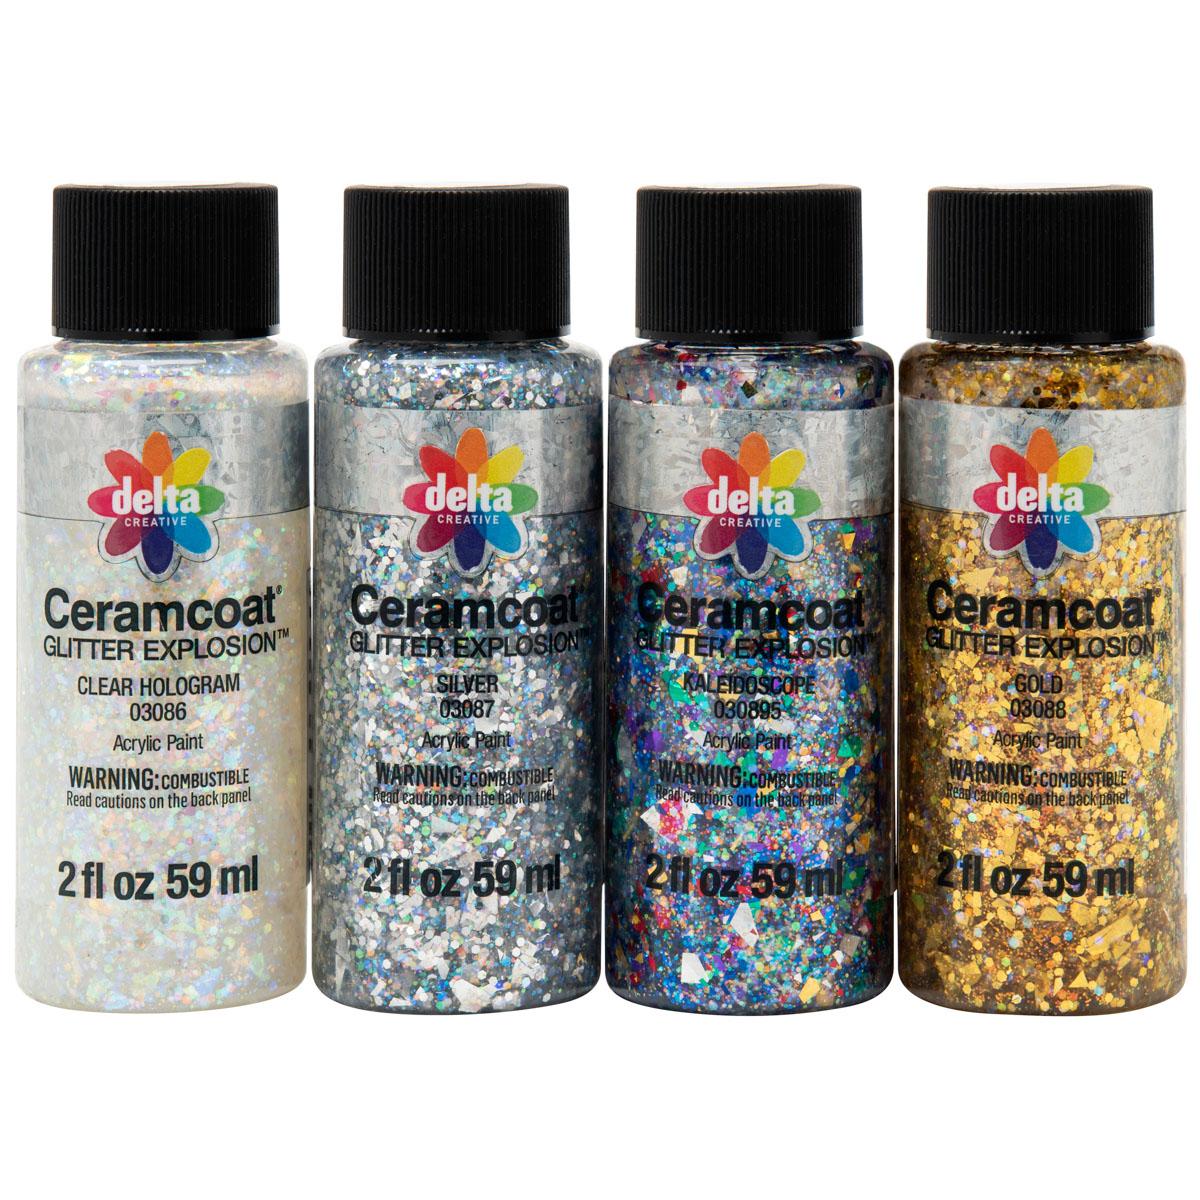 Delta Ceramcoat ® Paint Sets - Glitter Explosion™ - 4 Color Set - PROMOGLTRE